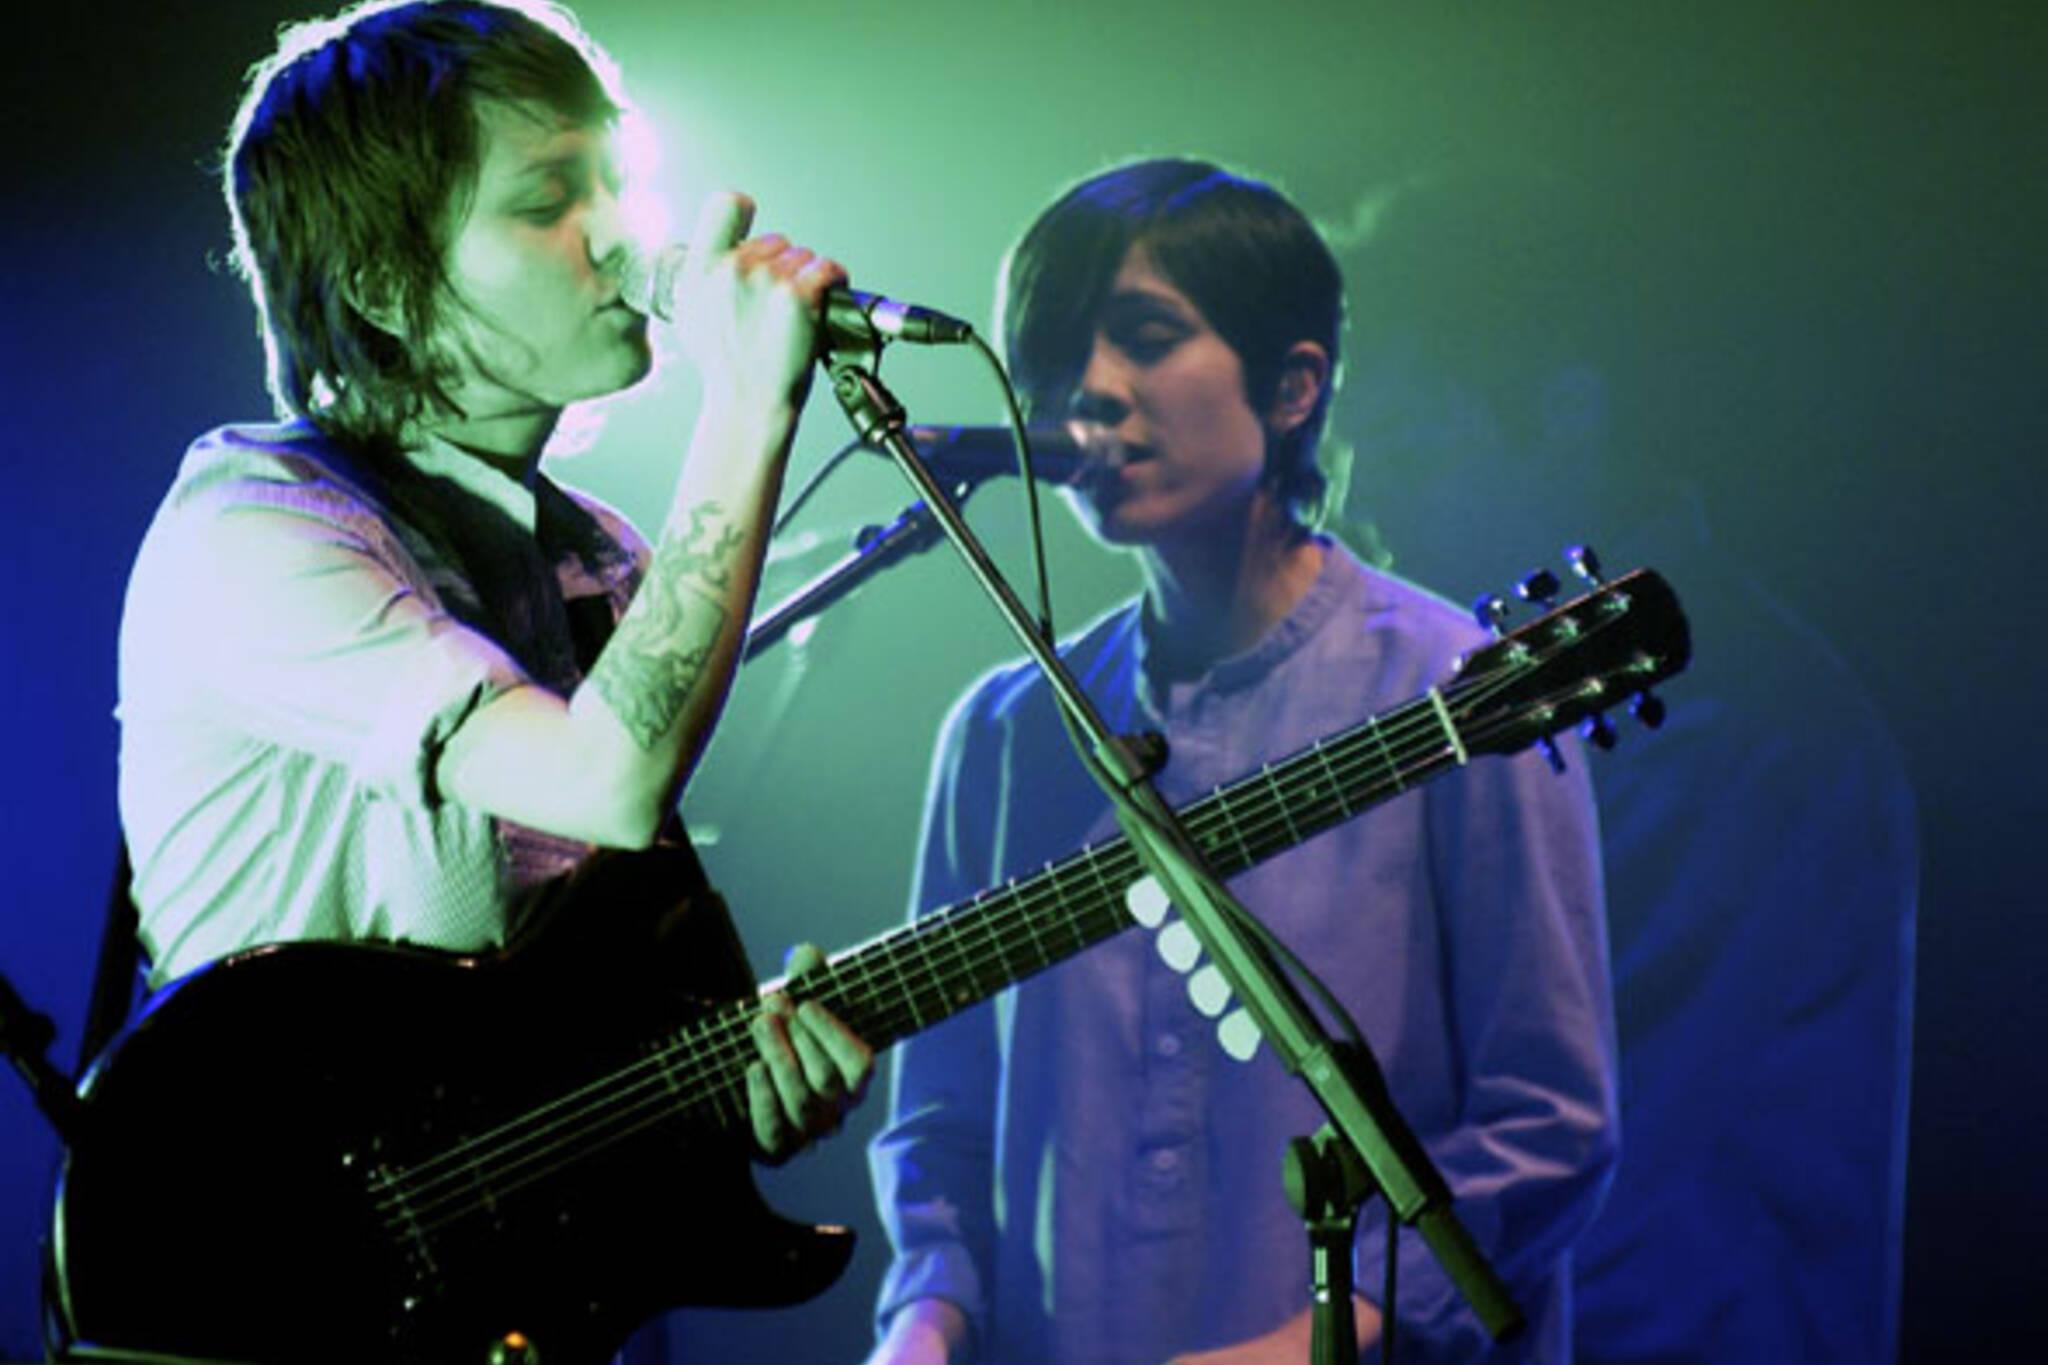 Tegan and Sara at Massey Hall